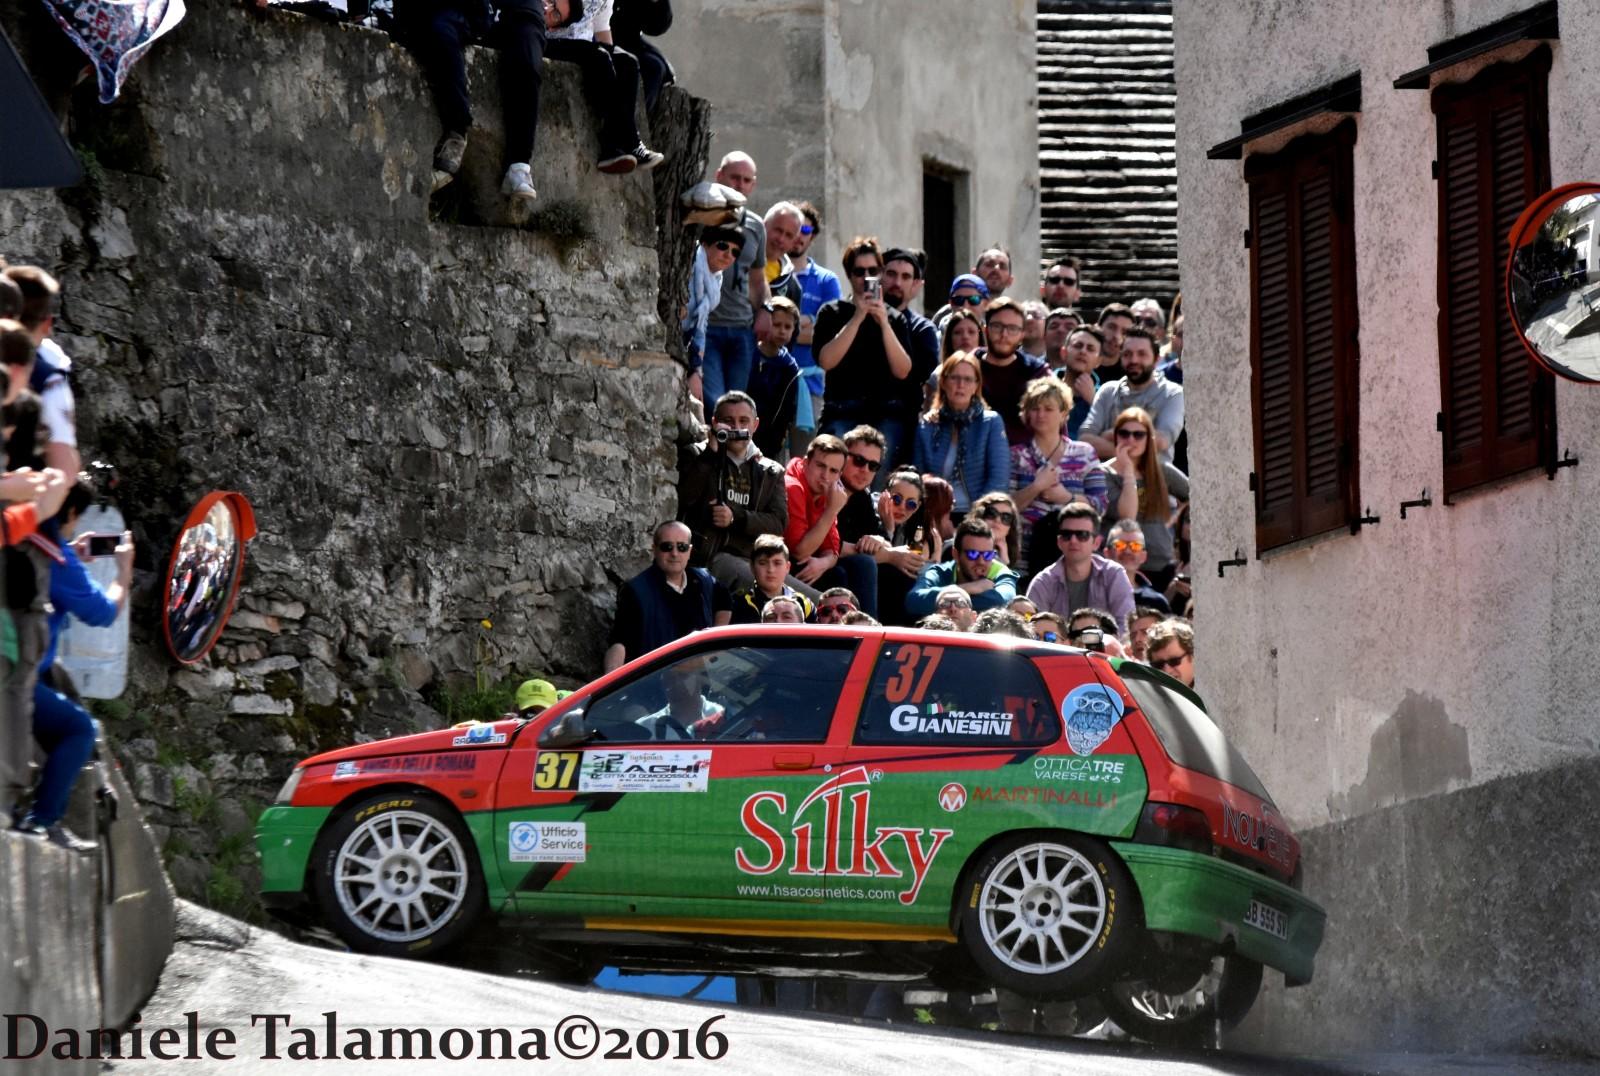 """Gianesini - """"Fulvione"""", vincitori di classe A7"""